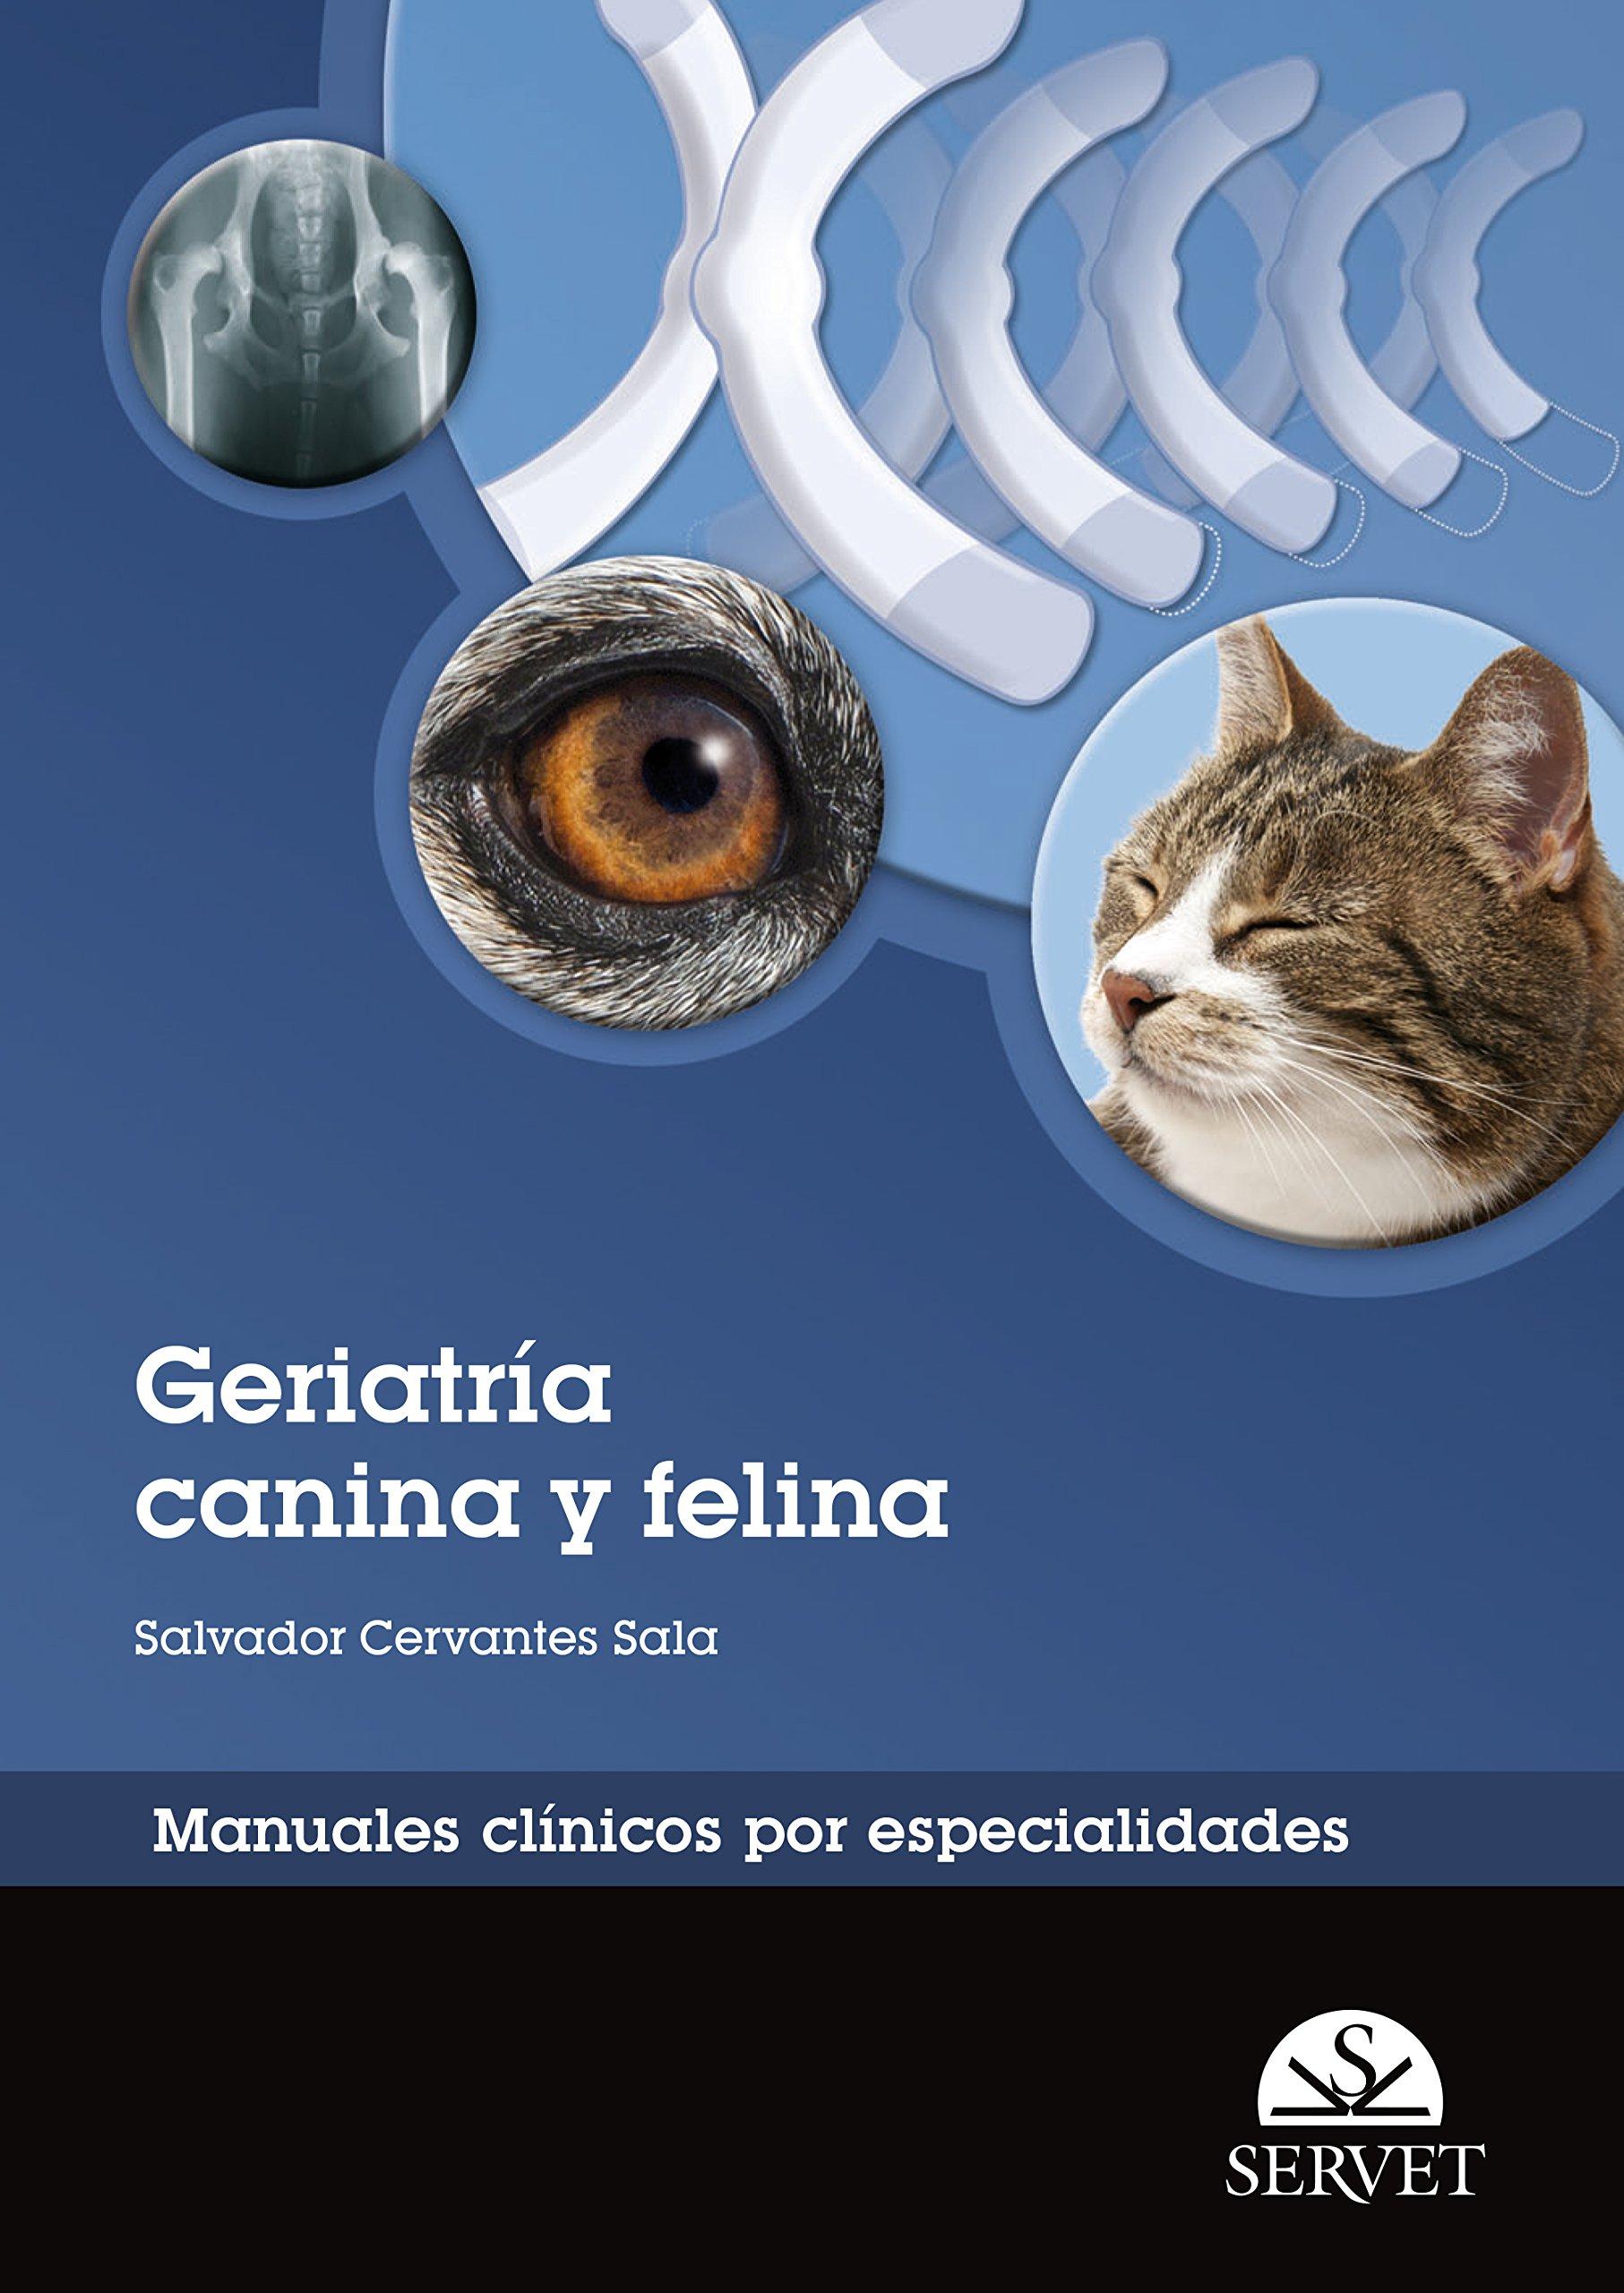 Manual de geriatría canina y felina. Colección de manuales clínicos por especial Manuales clínicos por especialidades - Libros de veterinaria - Editorial ...